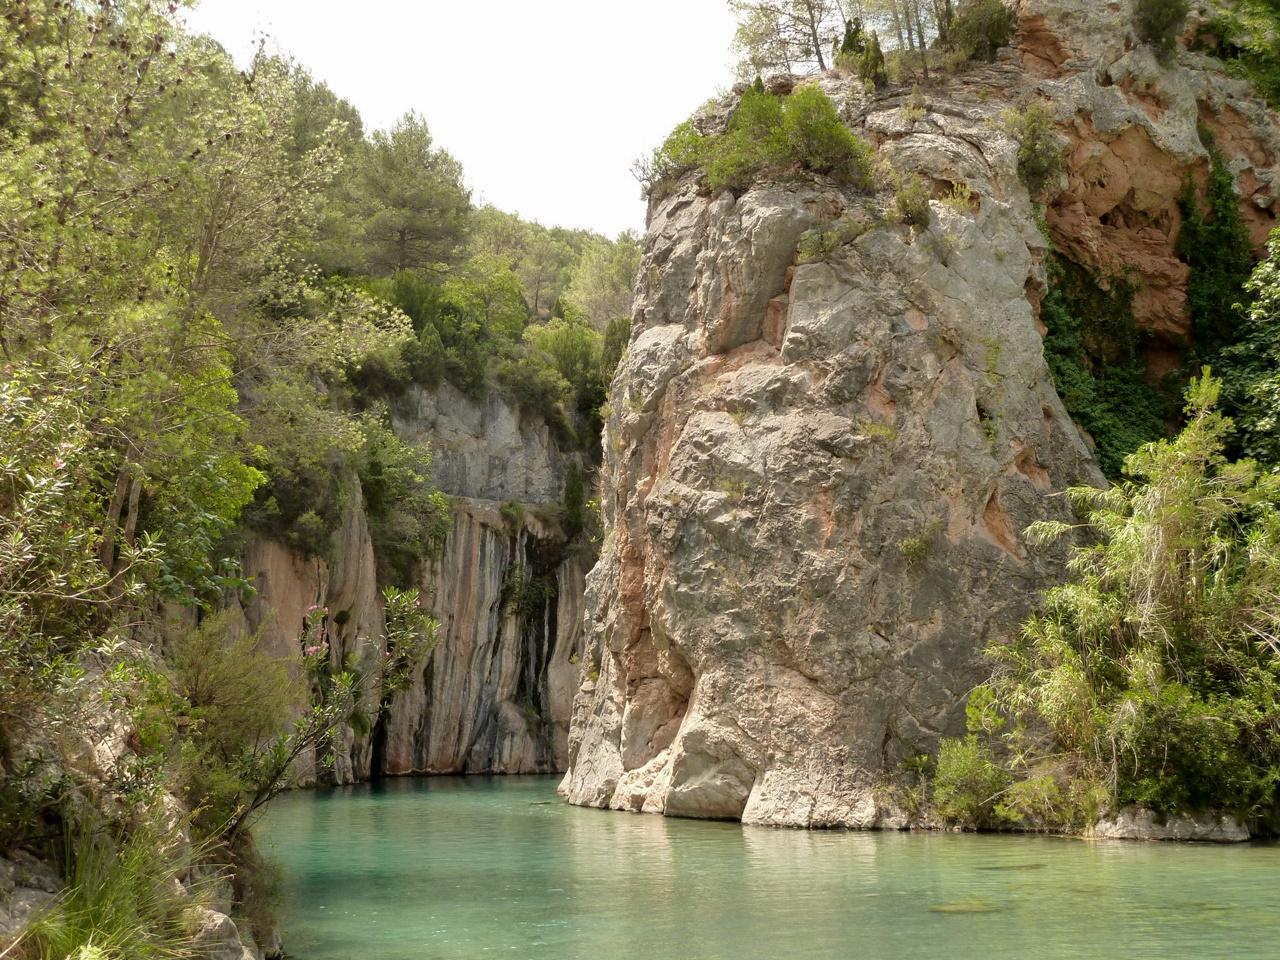 La fuente de los baños, Montanejos (Castellón)